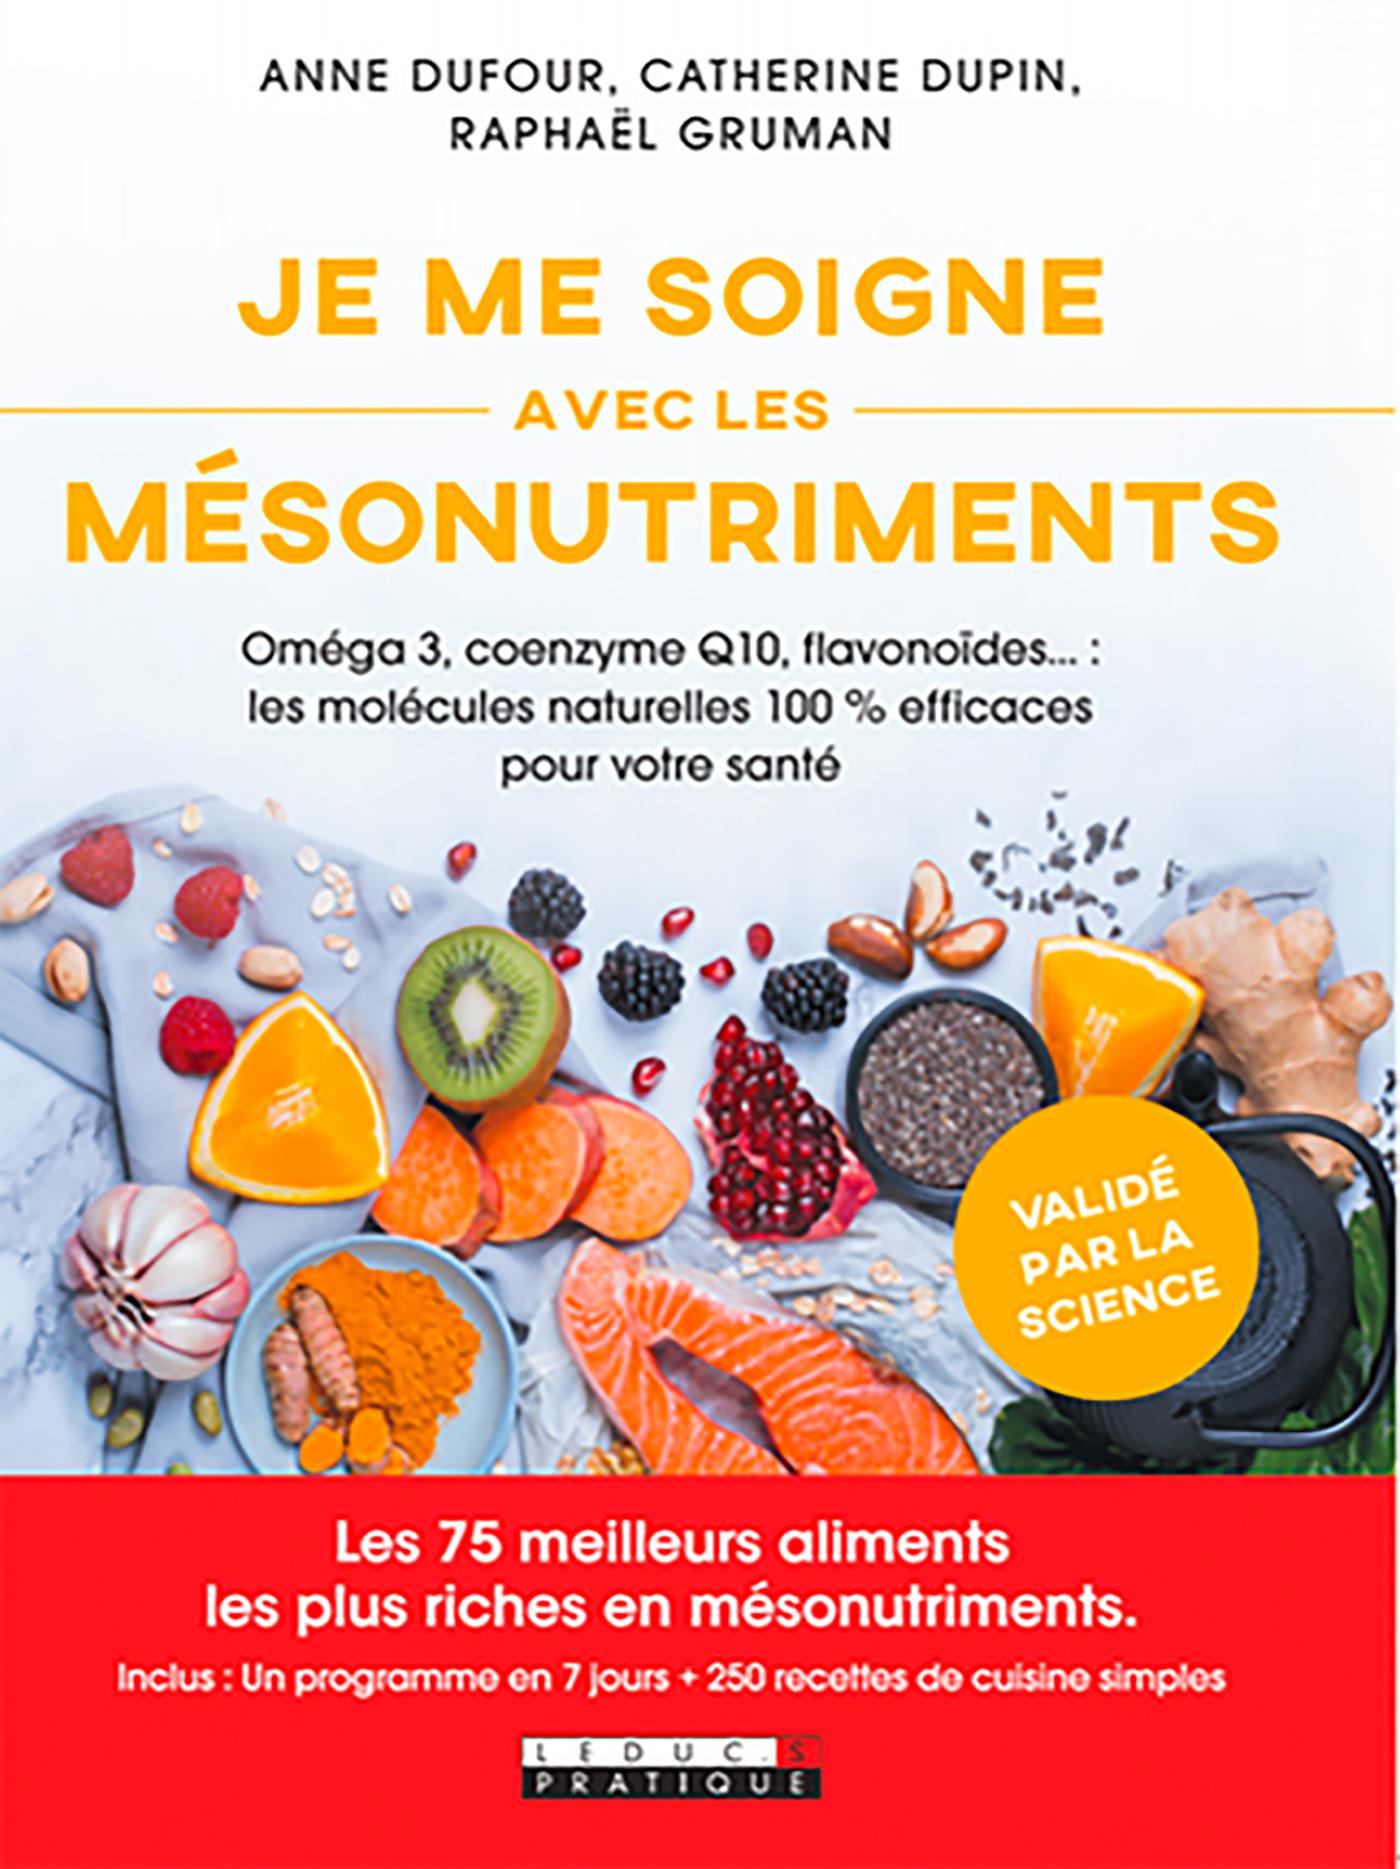 Vignette du livre Se soigner avec les mésonutriments : oméga 3, probiotiques...